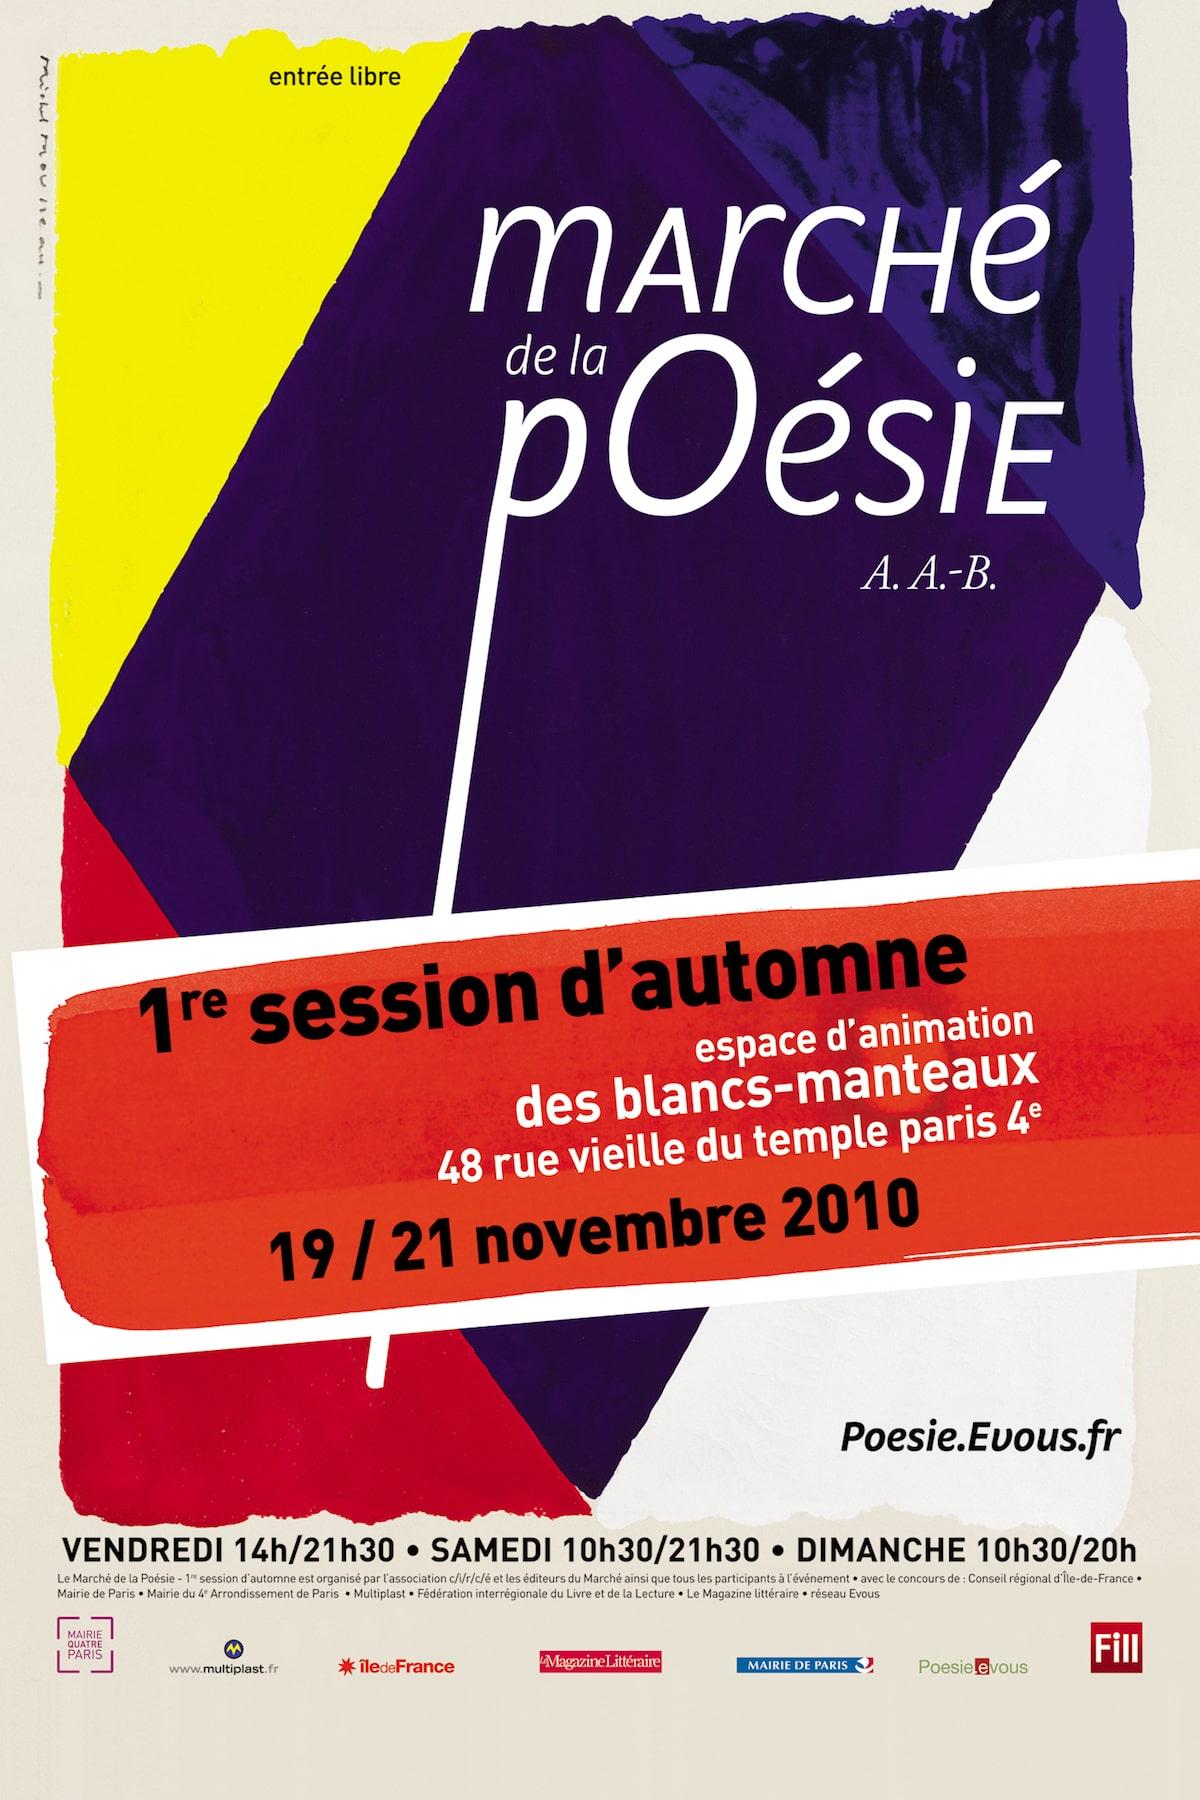 Marché poésie session automne 2010